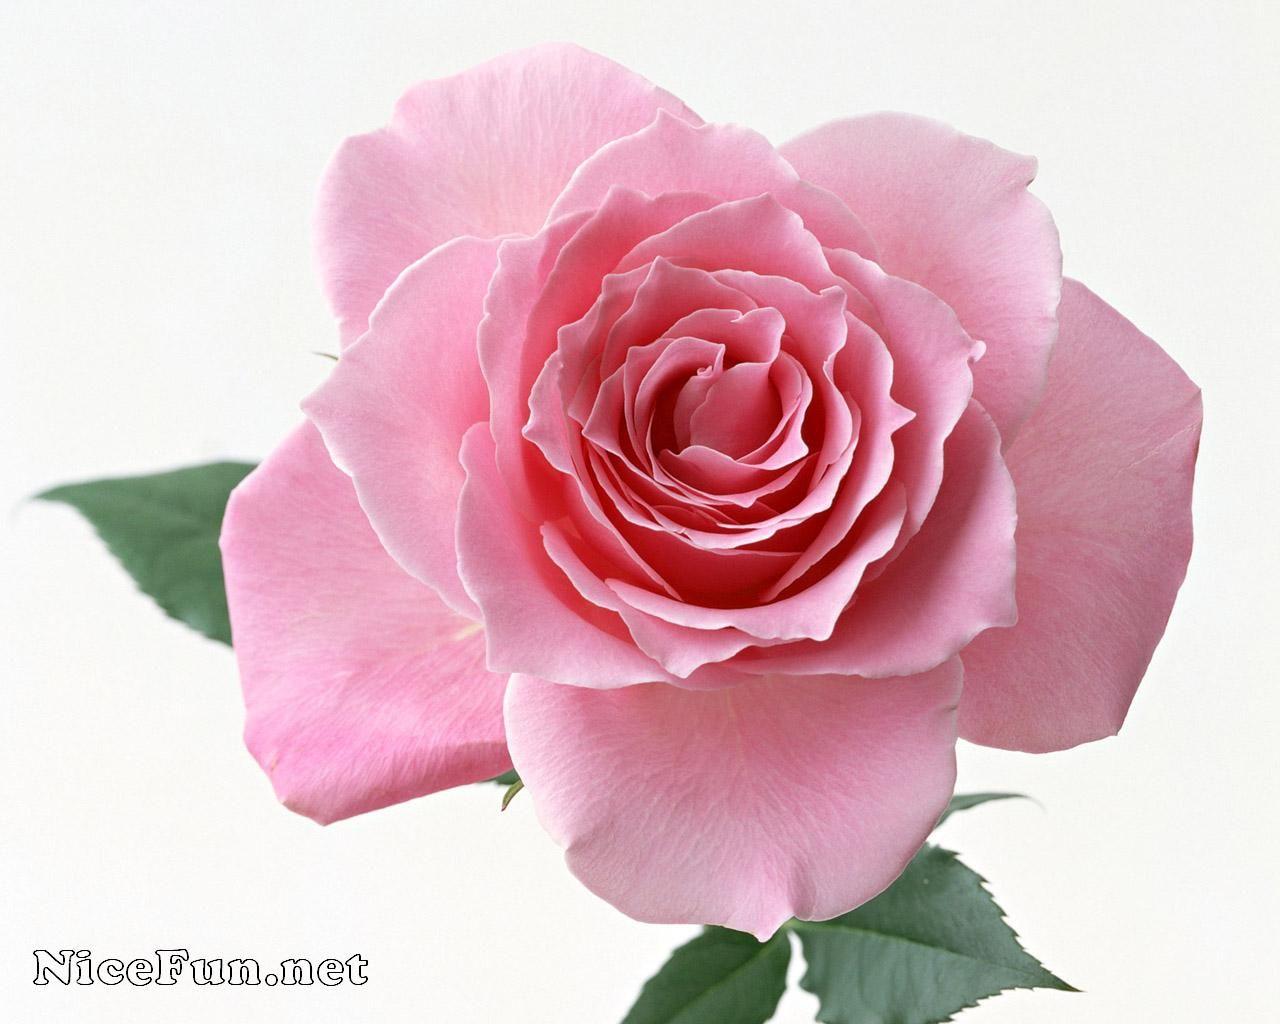 Beautiful roses most beautiful roses wallpapers for your desktop beautiful roses most beautiful roses wallpapers for your desktop free wallpapers izmirmasajfo